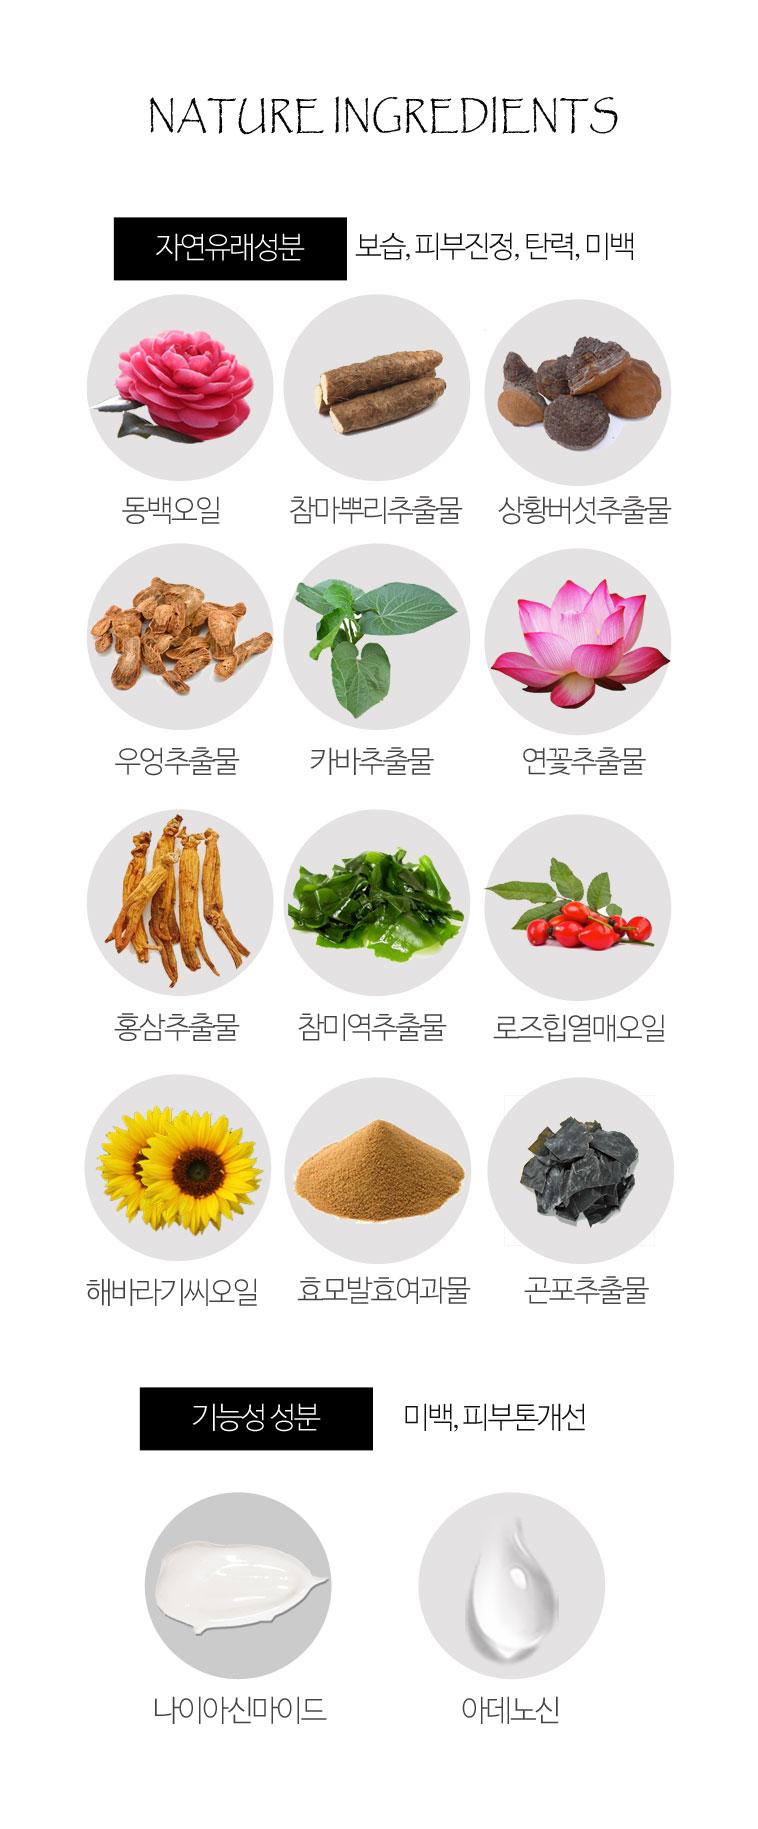 아틸라 Dr.컨트롤 수분크림 + 영양크림 - 아틸라, 49,000원, 크림/오일, 크림